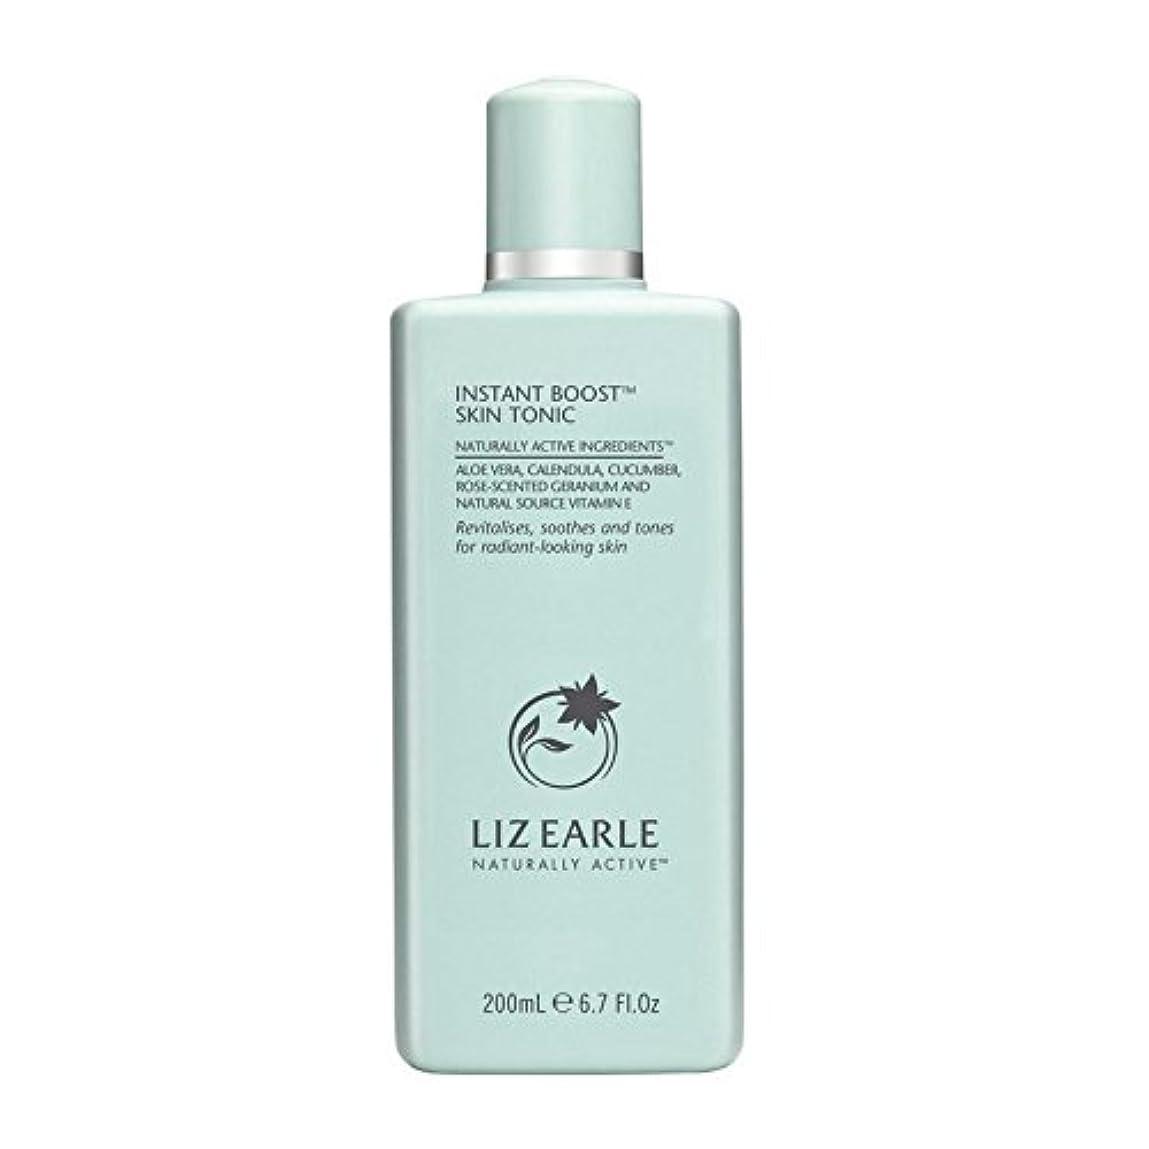 通貨を除く言うまでもなくリズアールインスタントブーストスキントニックボトル200ミリリットル x2 - Liz Earle Instant Boost Skin Tonic Bottle 200ml (Pack of 2) [並行輸入品]